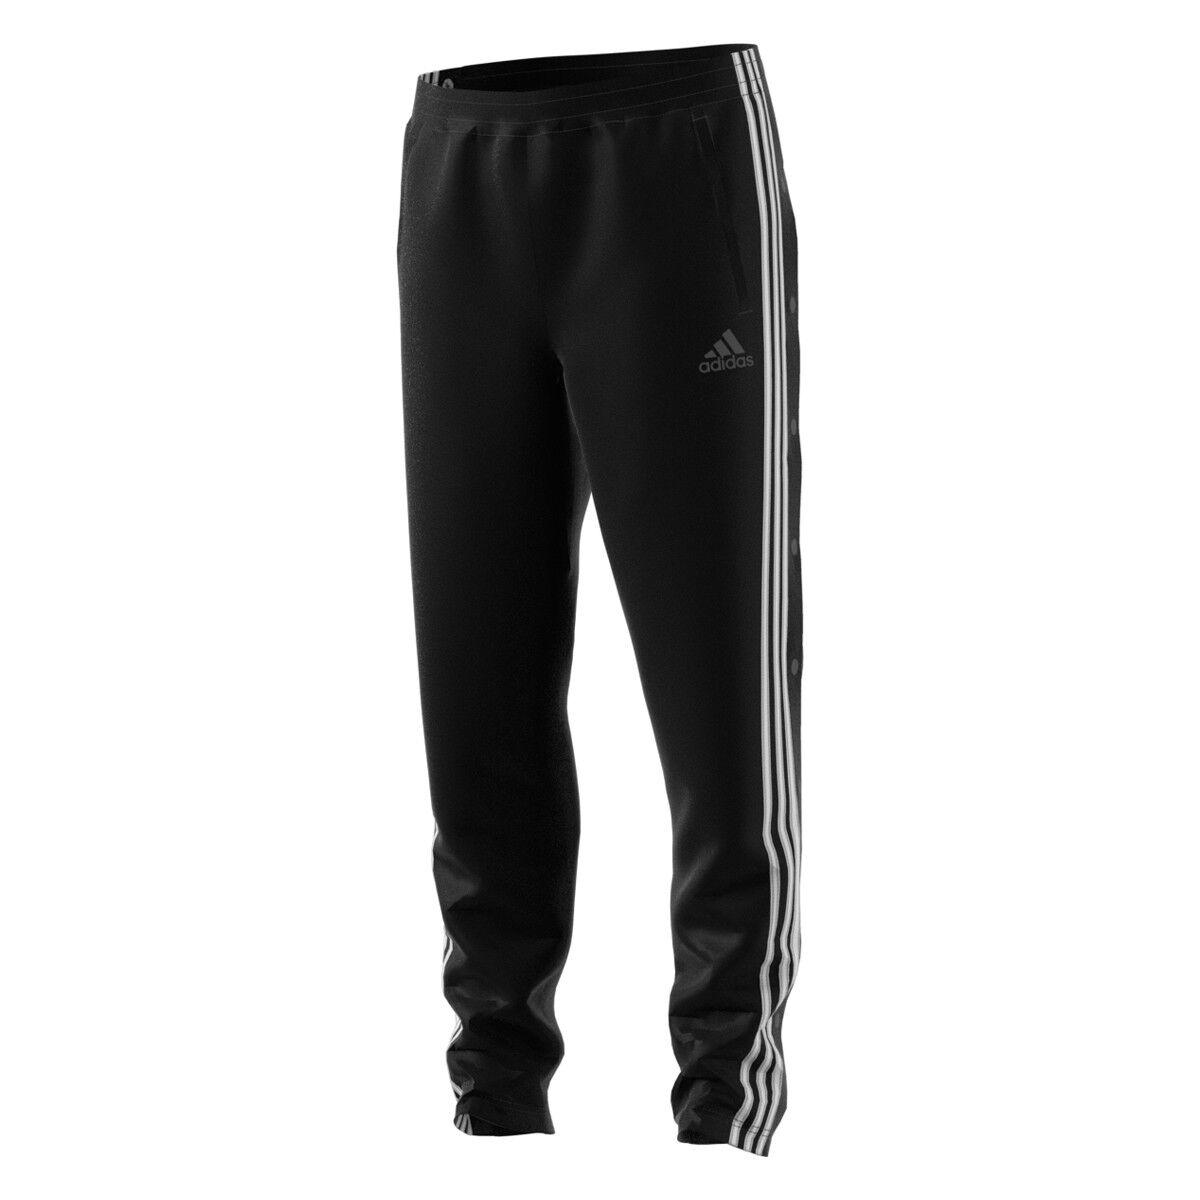 Pantalon de survêtement Adidas Squad ID pour homme CV3258 - Listes noire, blanche (NEW) @ $ 60